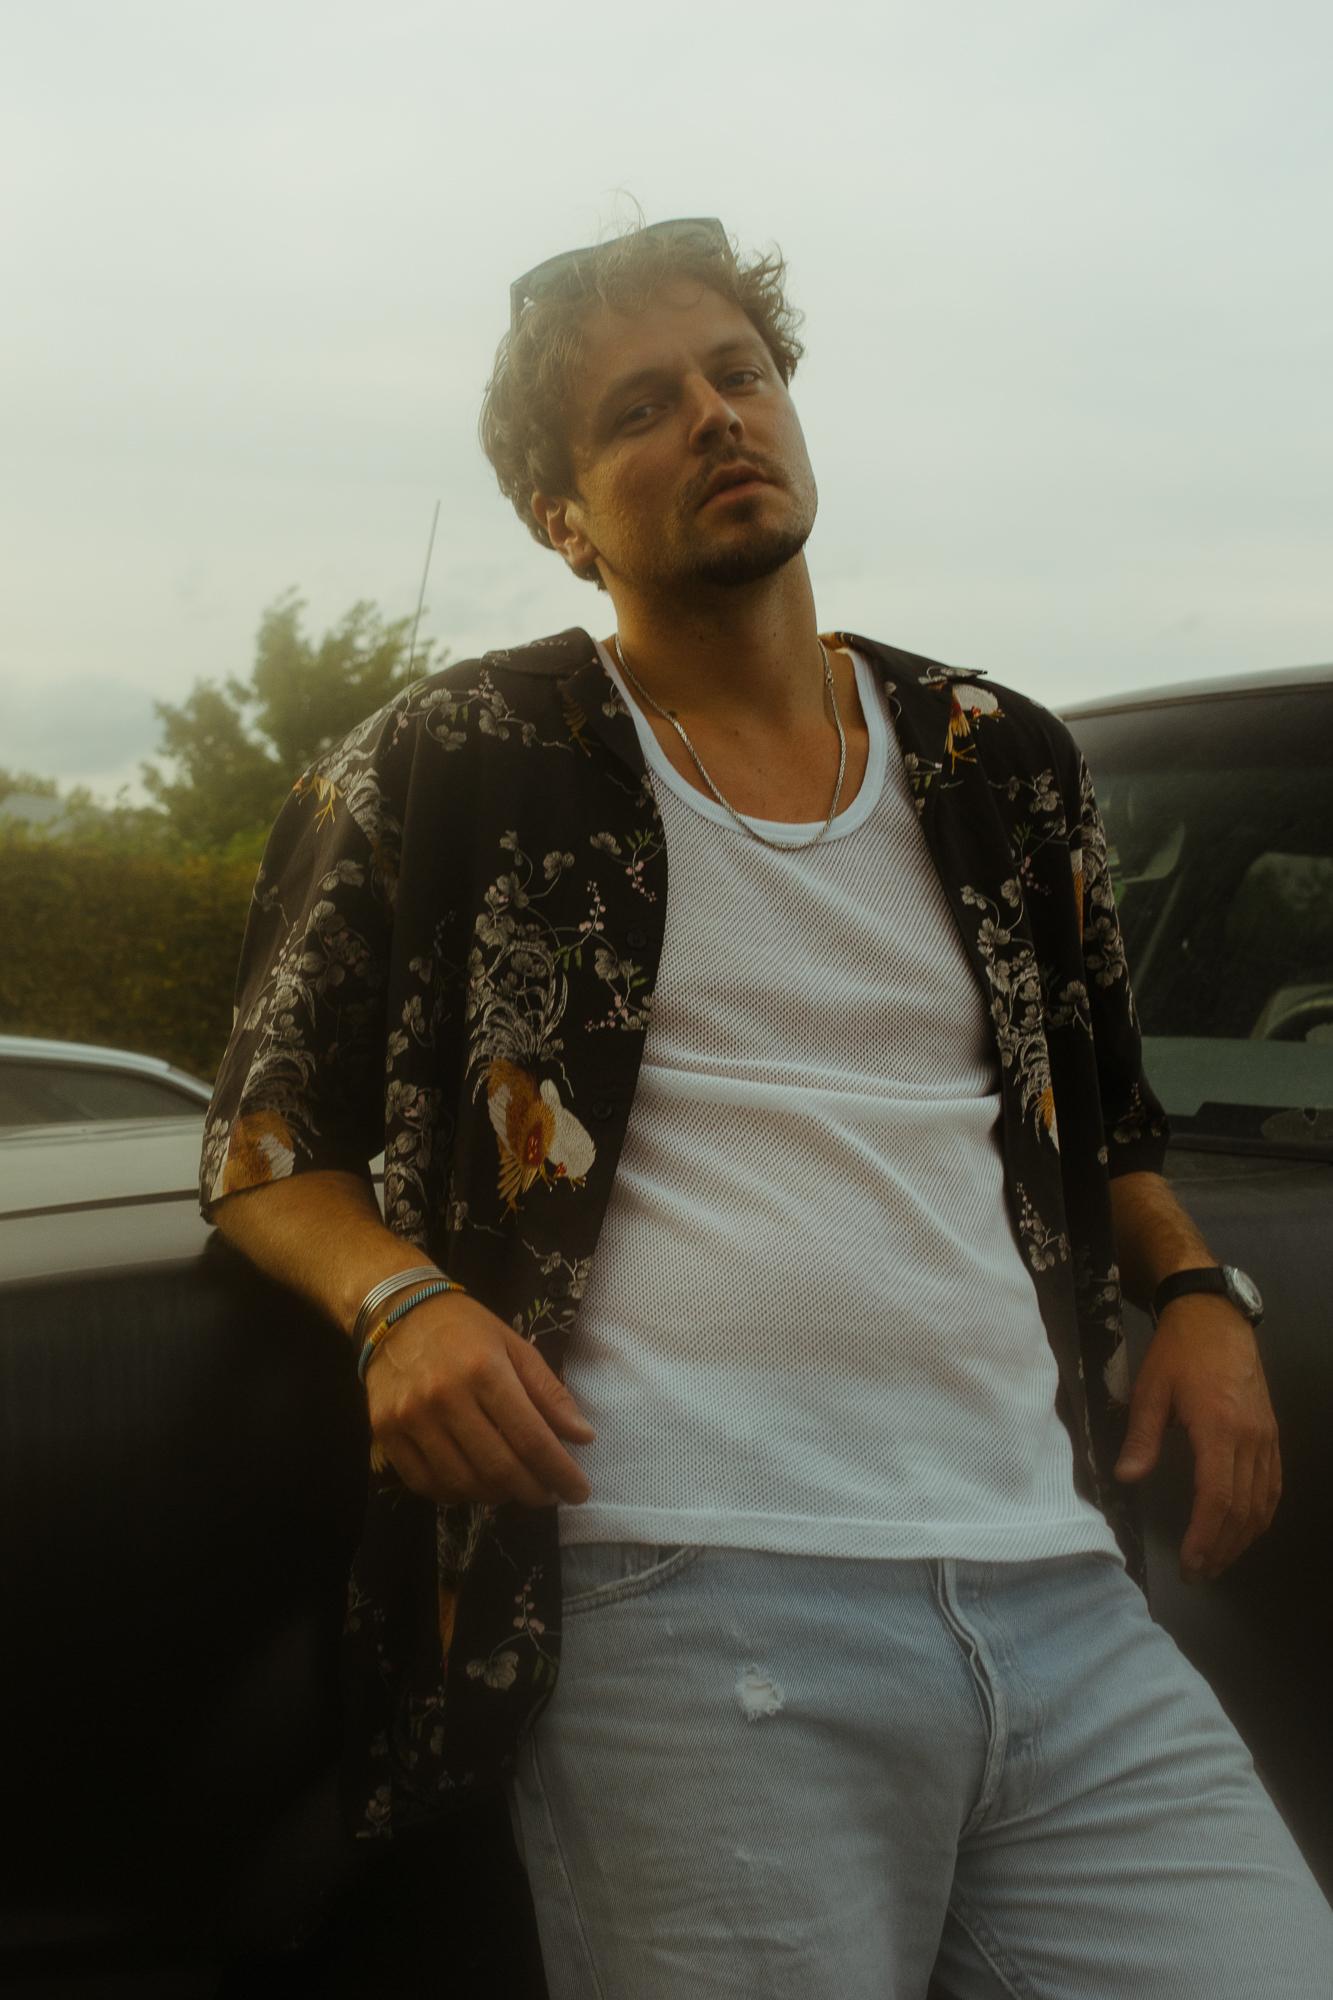 Schauspielerfoto Justus